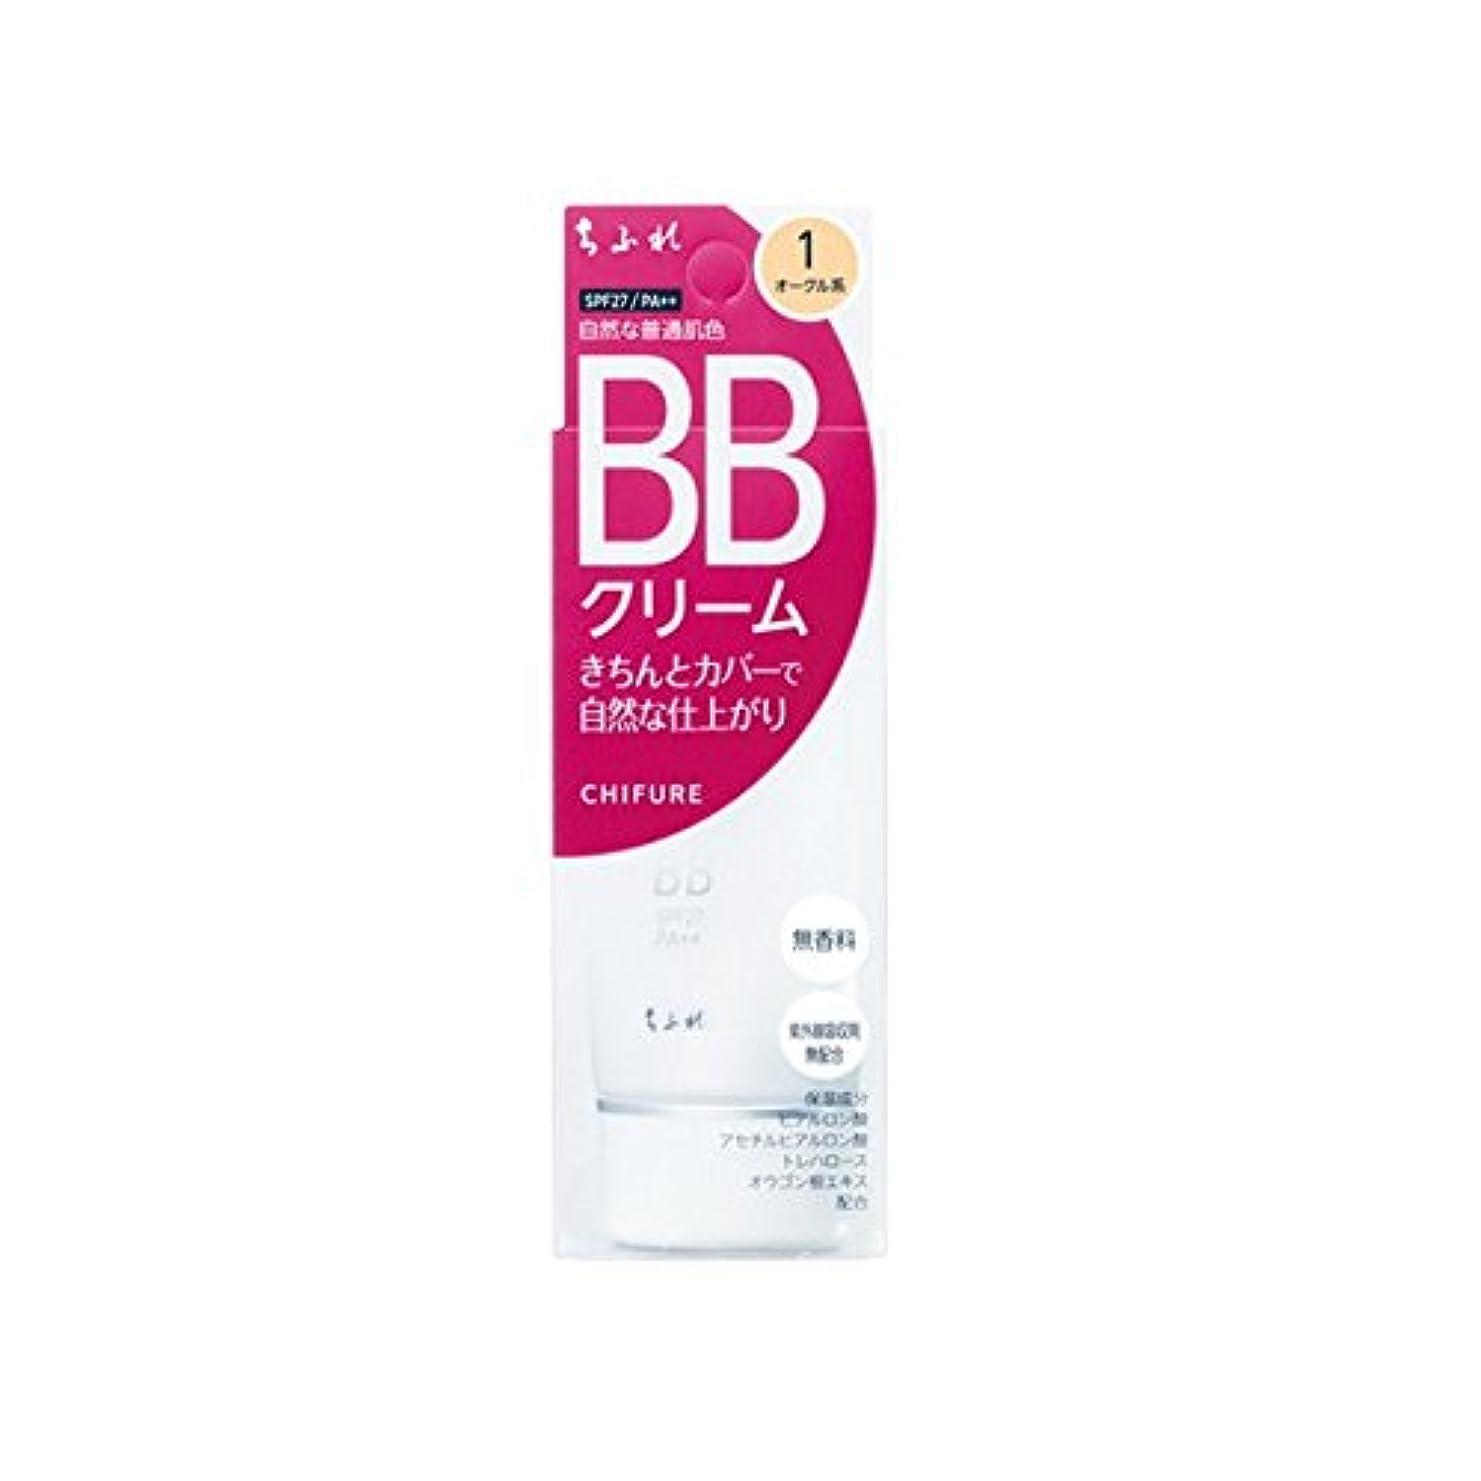 元気な証明書靄ちふれ化粧品 BB クリーム 1 自然な普通肌色 BBクリーム 1